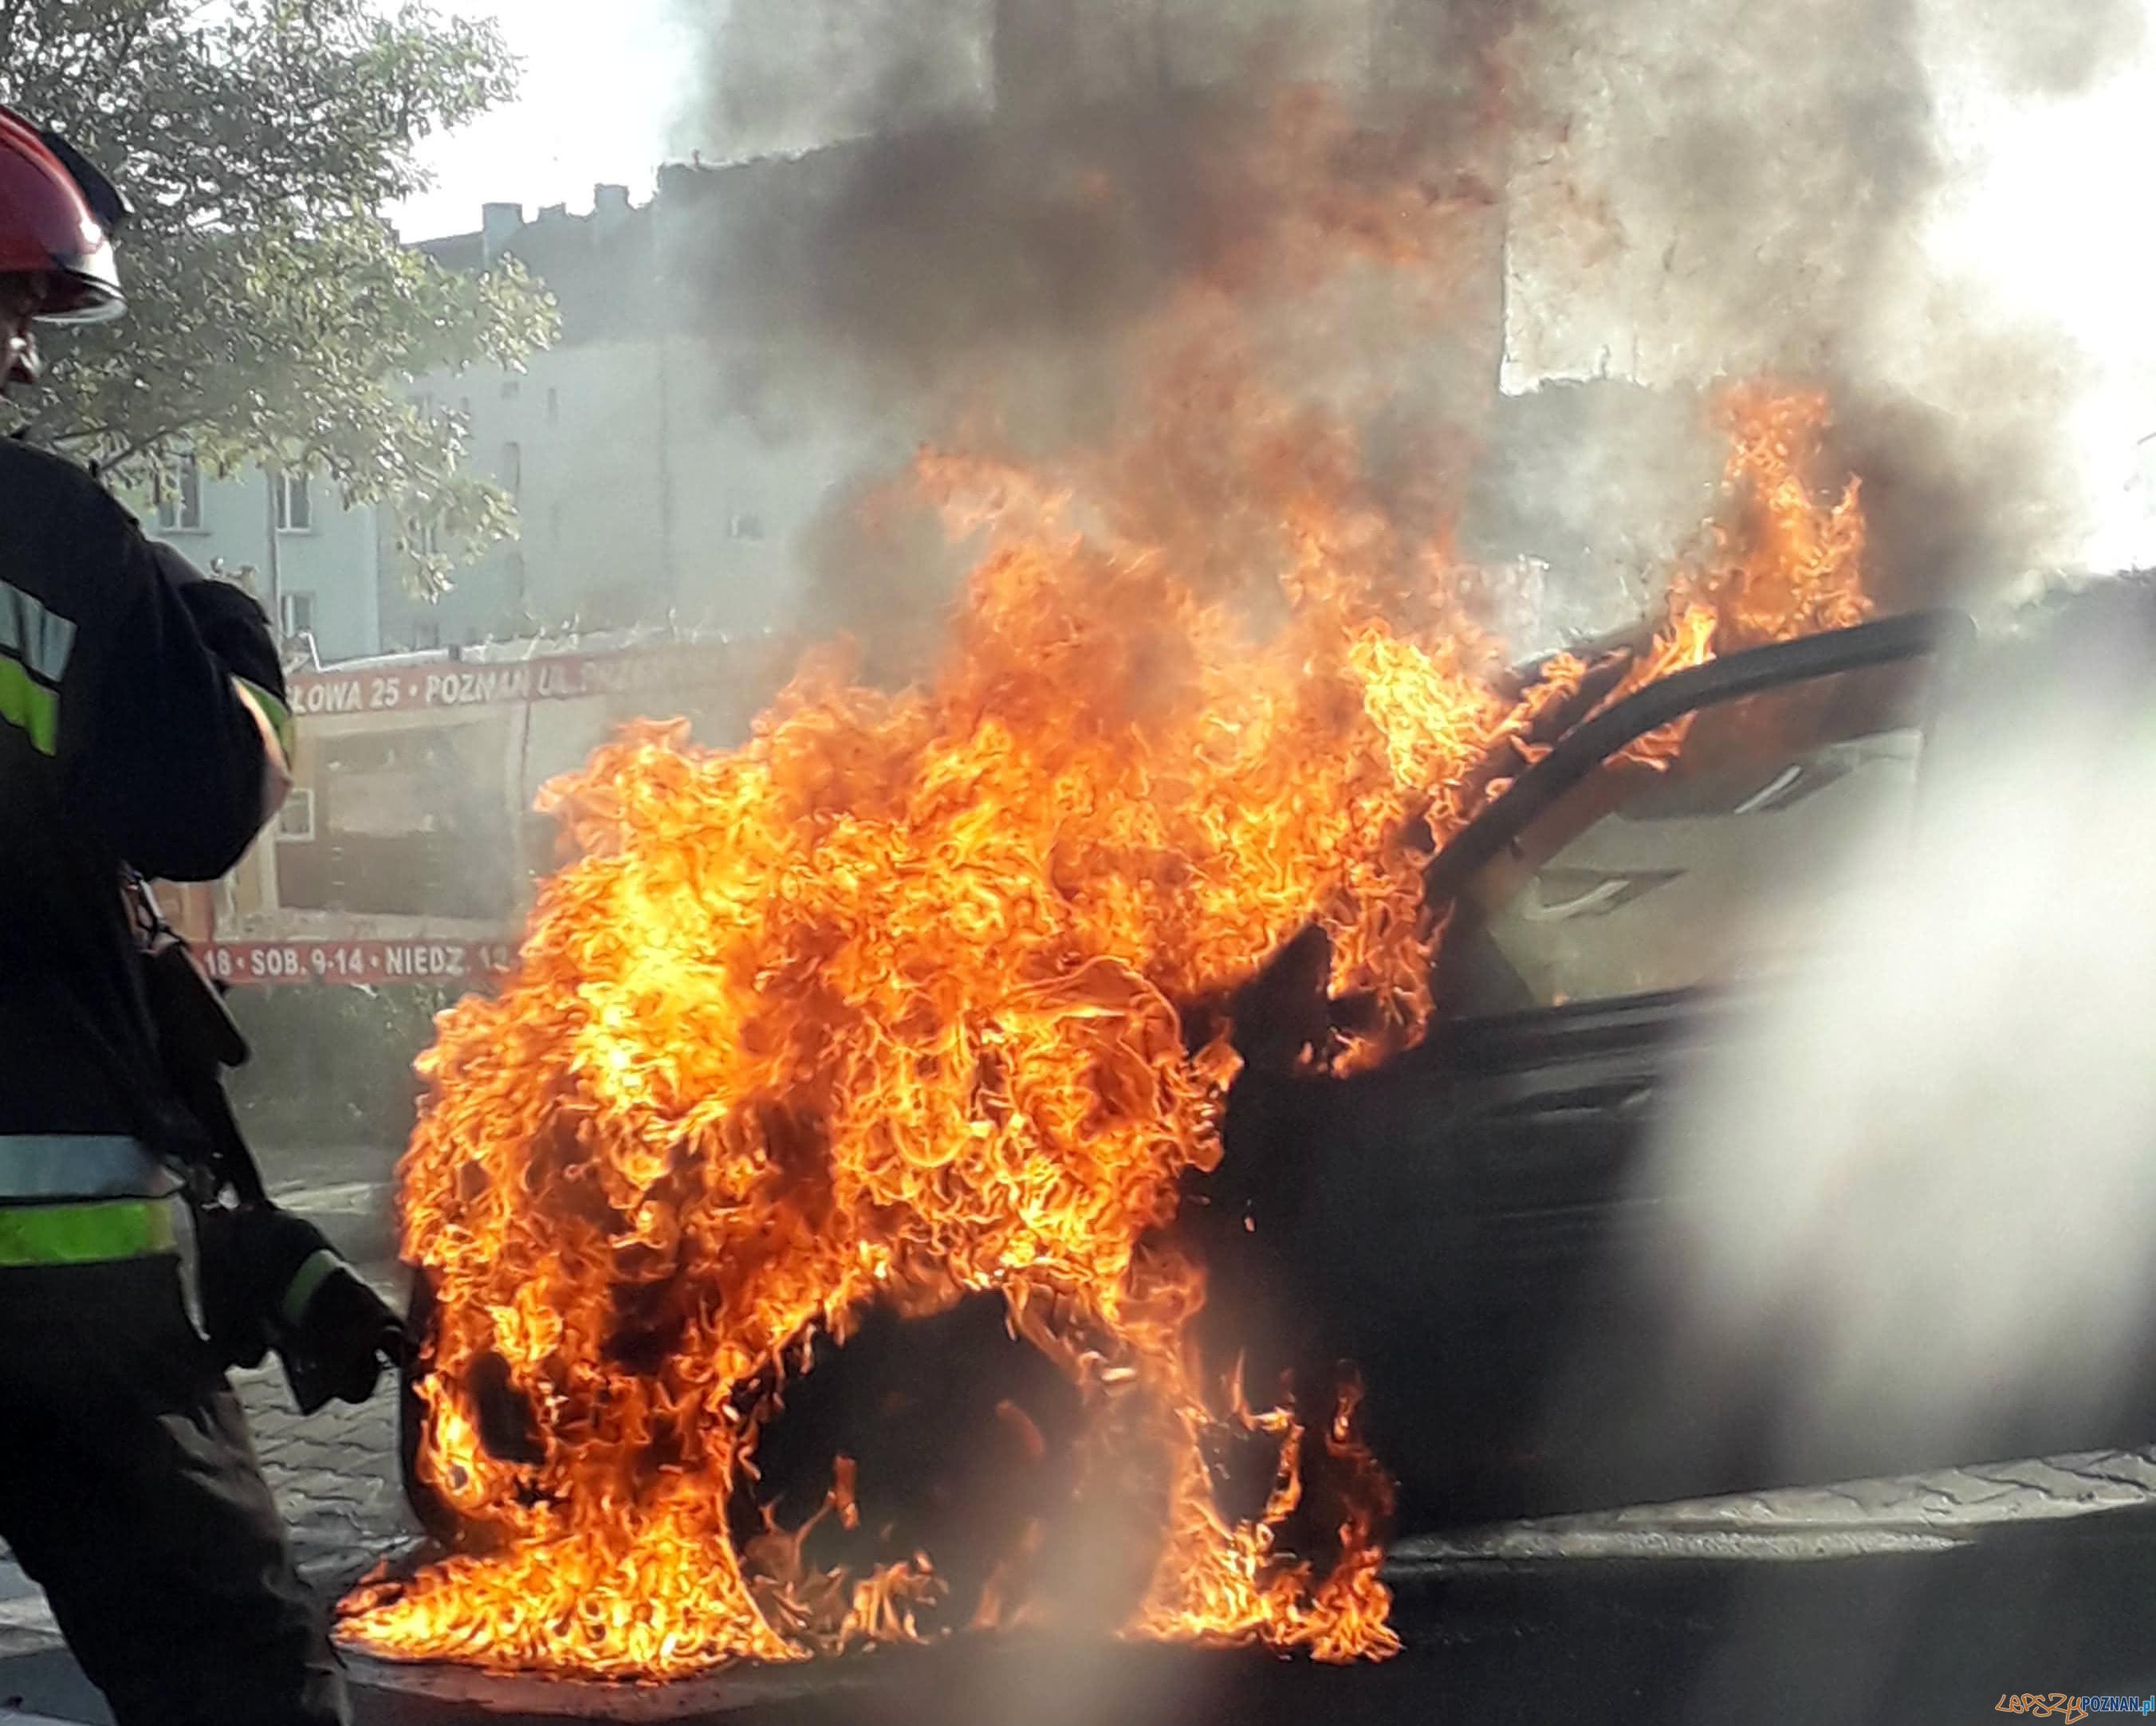 Płonący samochód na ul. Hetmańskiej  Foto: Zbyszek